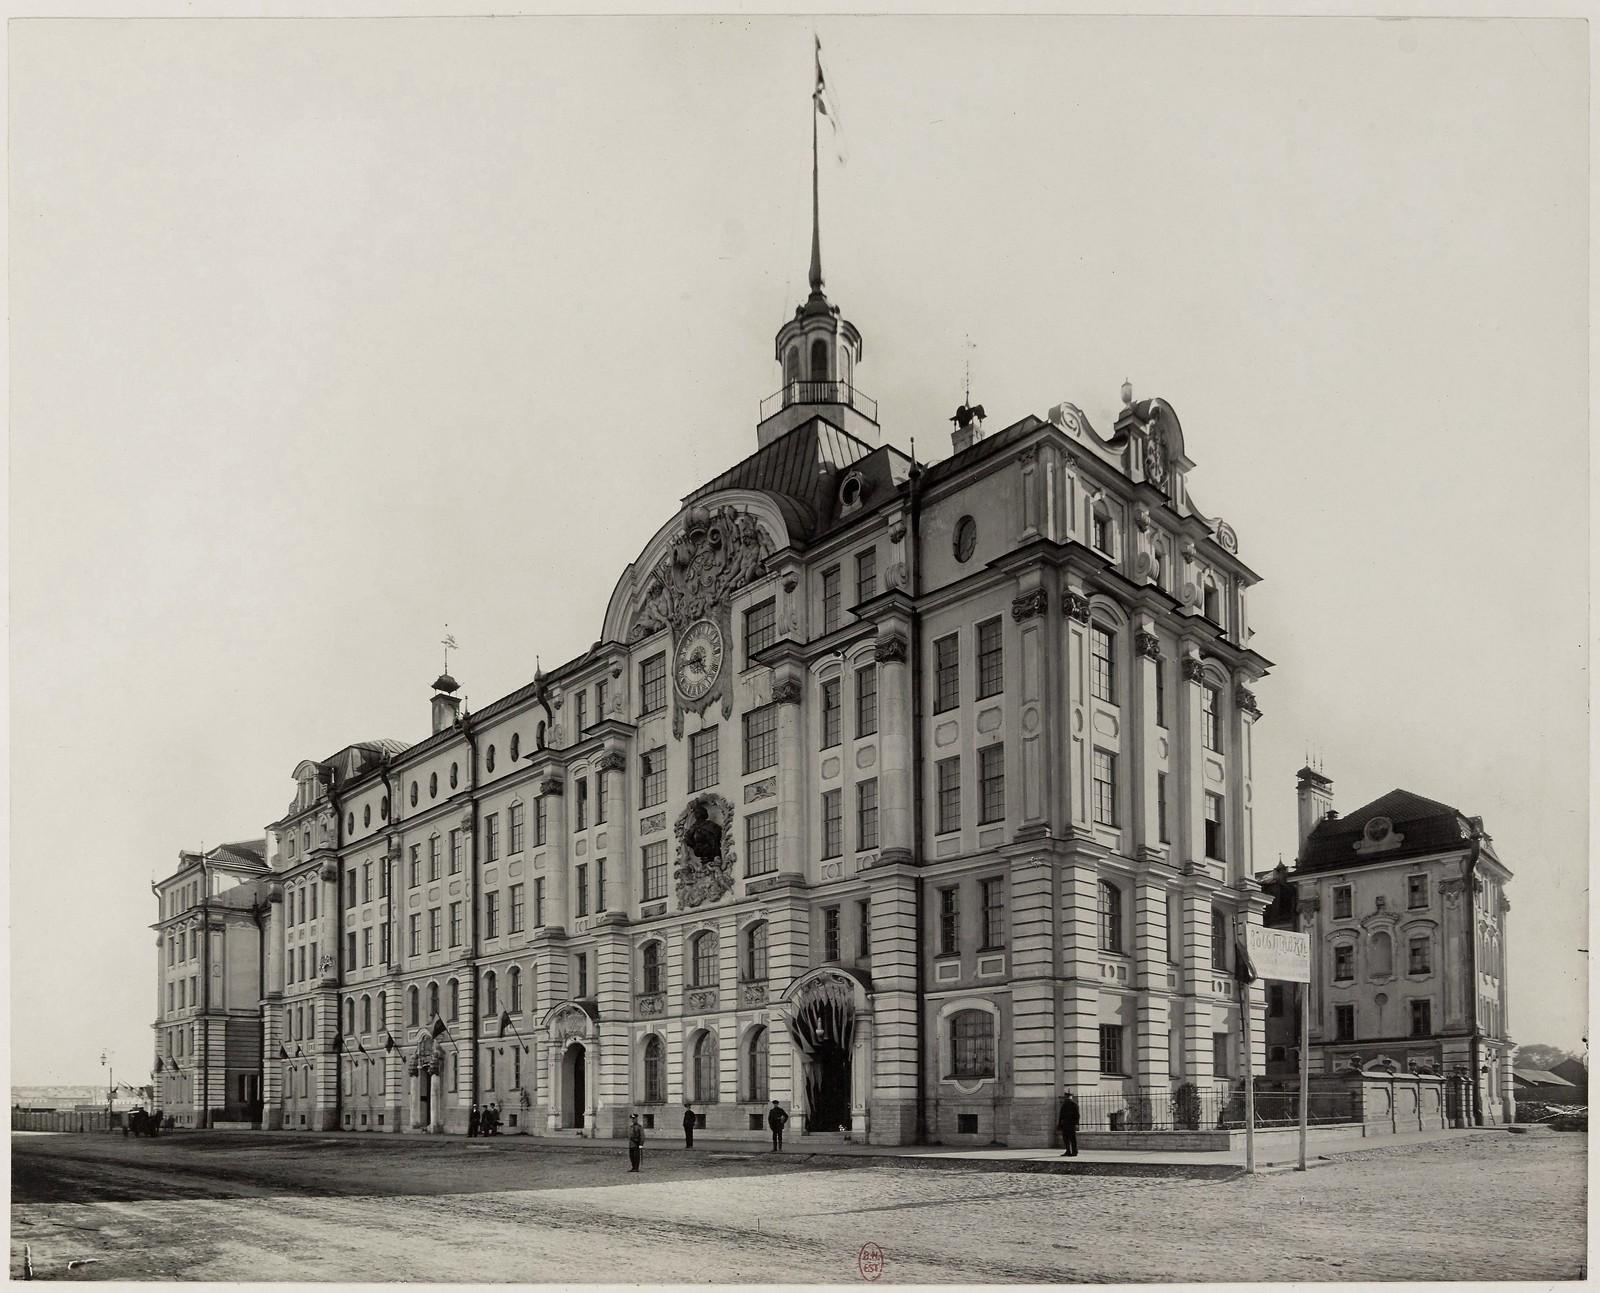 1912. Училищный дом Императора Петра I